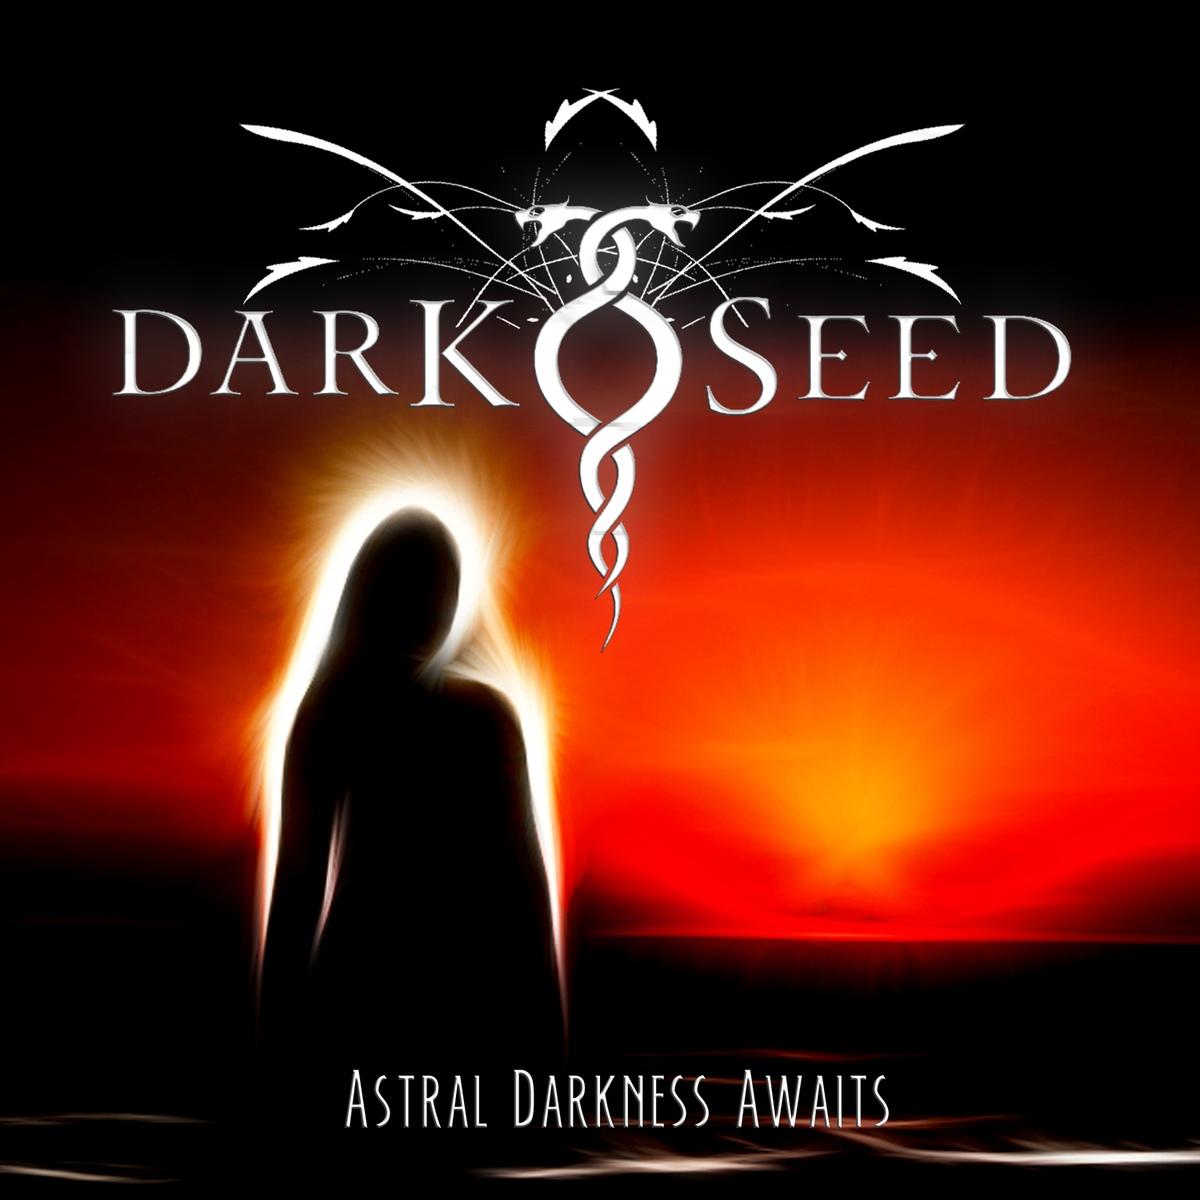 Darkseed - Astral Darkness Awaits